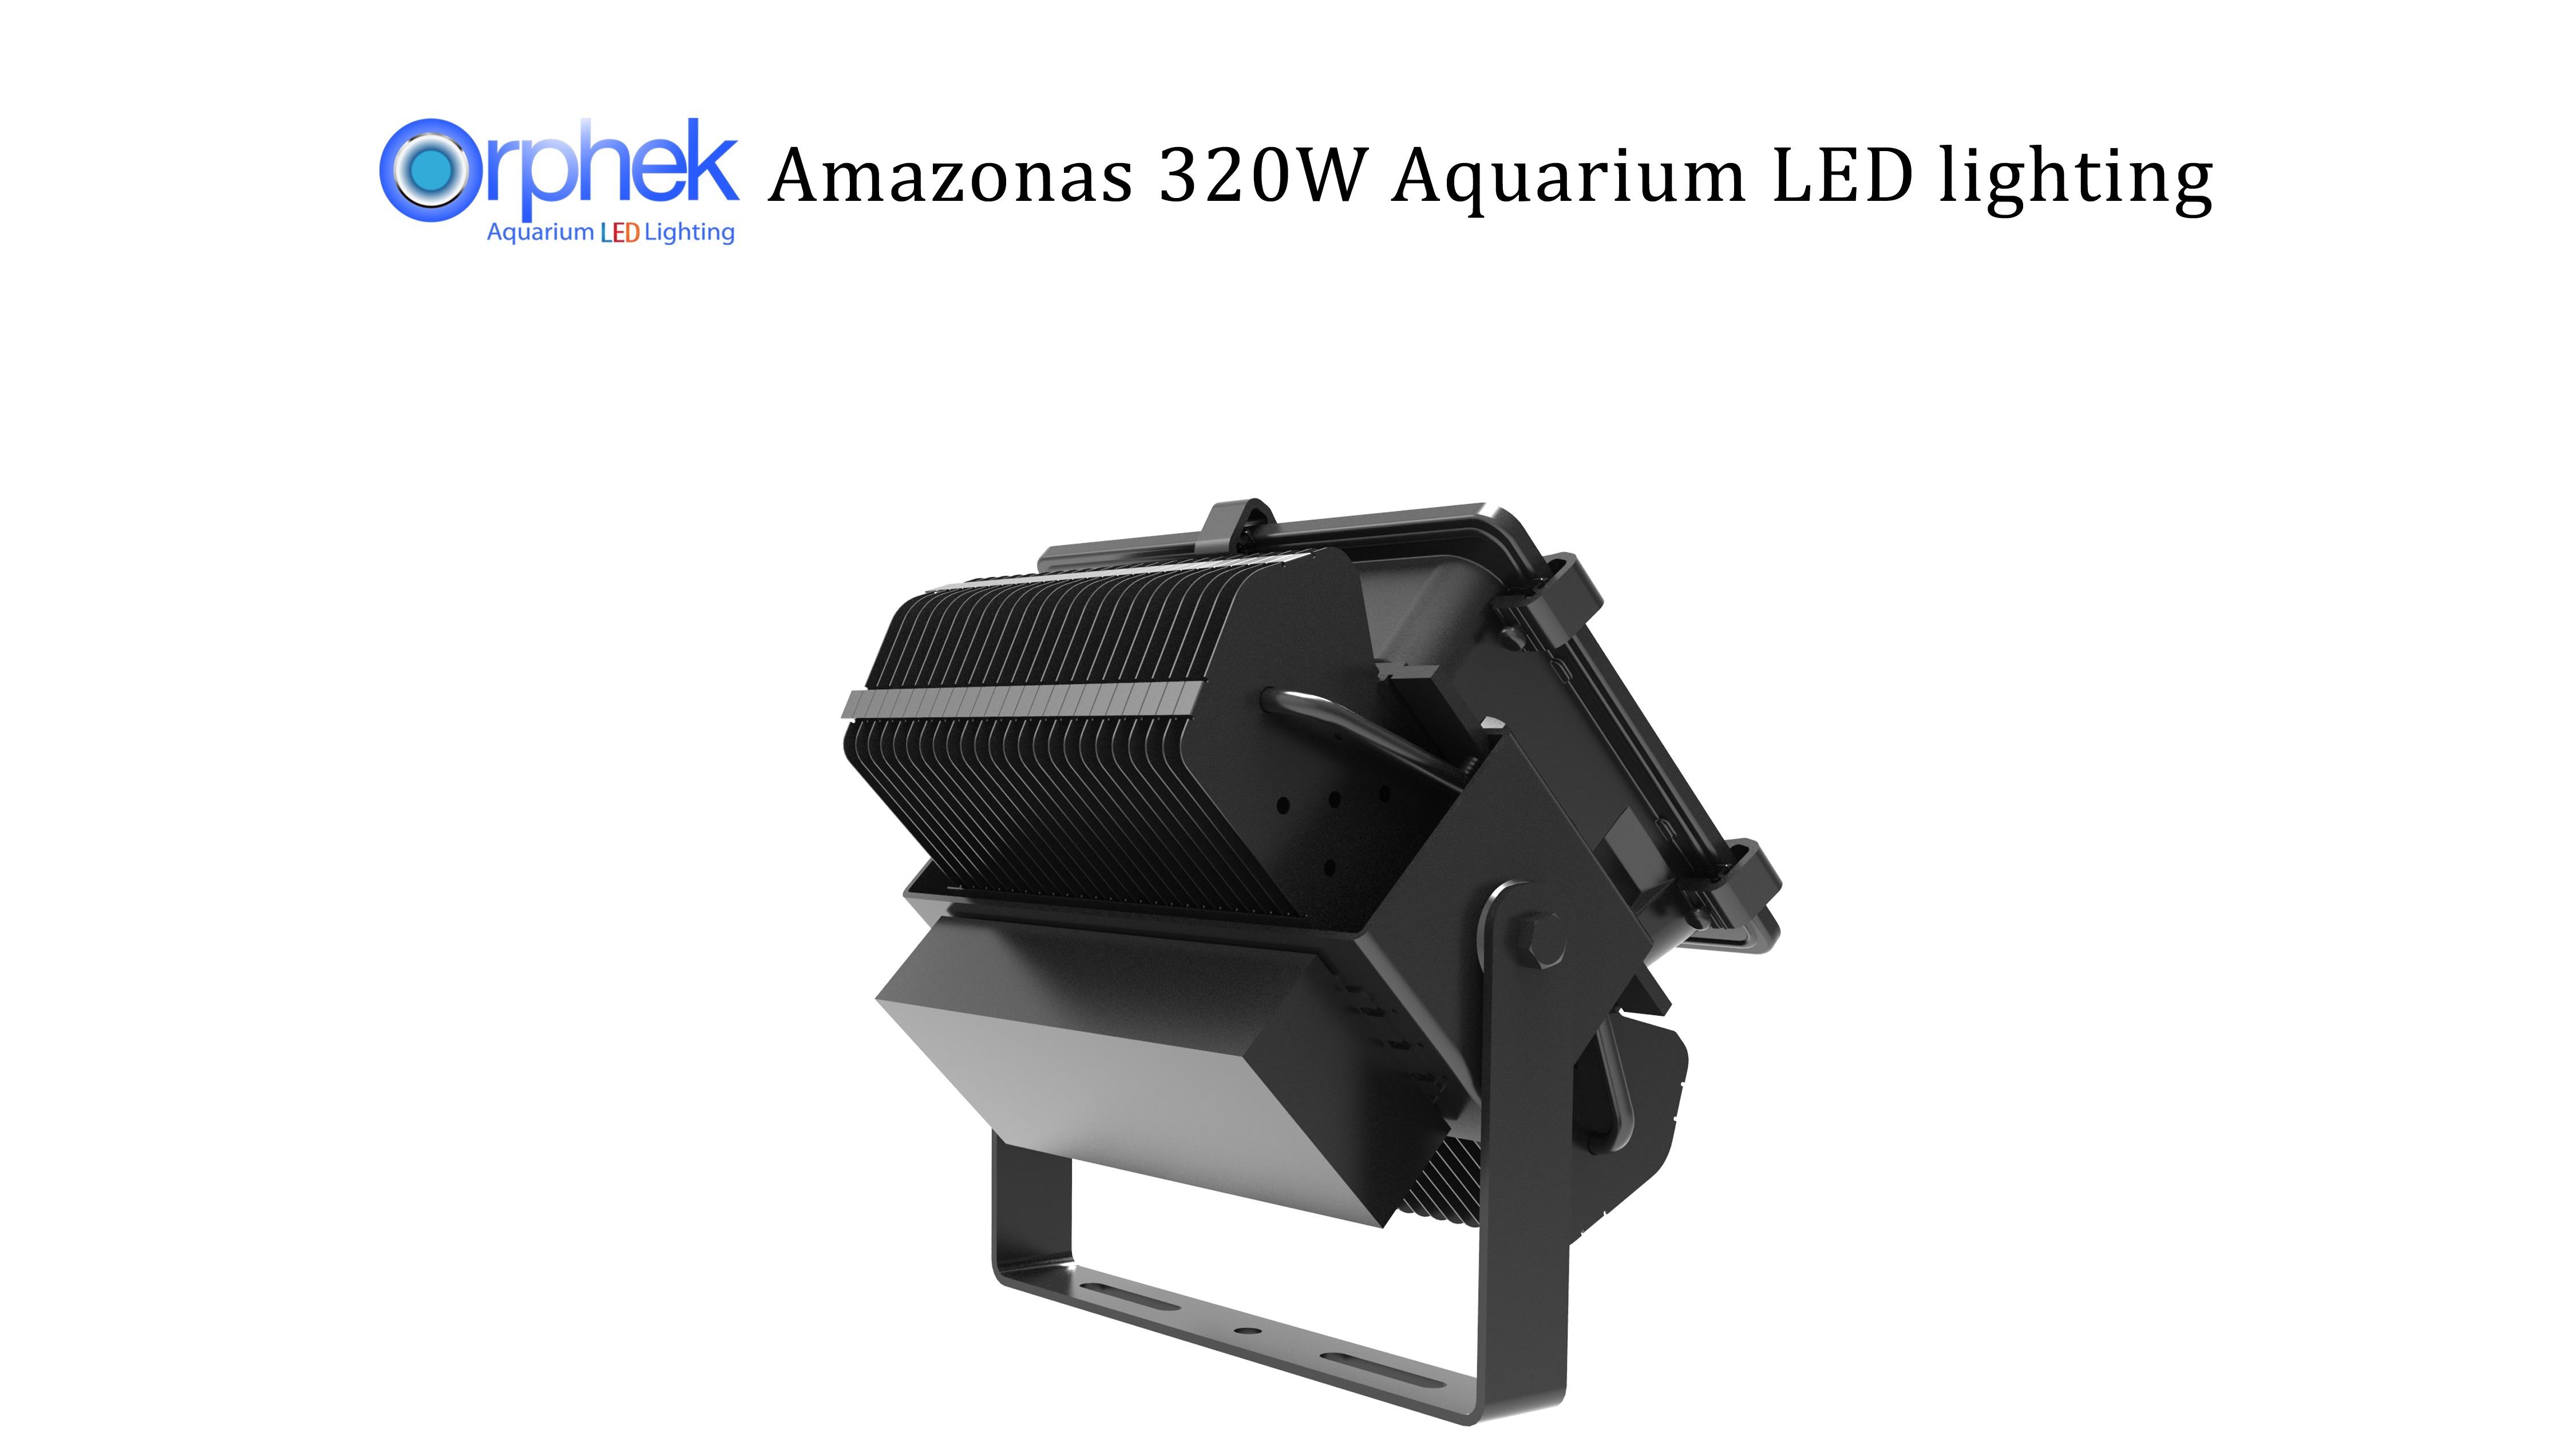 सार्वजनिक एक्वैरियम-एलईडी-प्रकाश-ऑर्पेक-अमेज़ॅनज़ 320